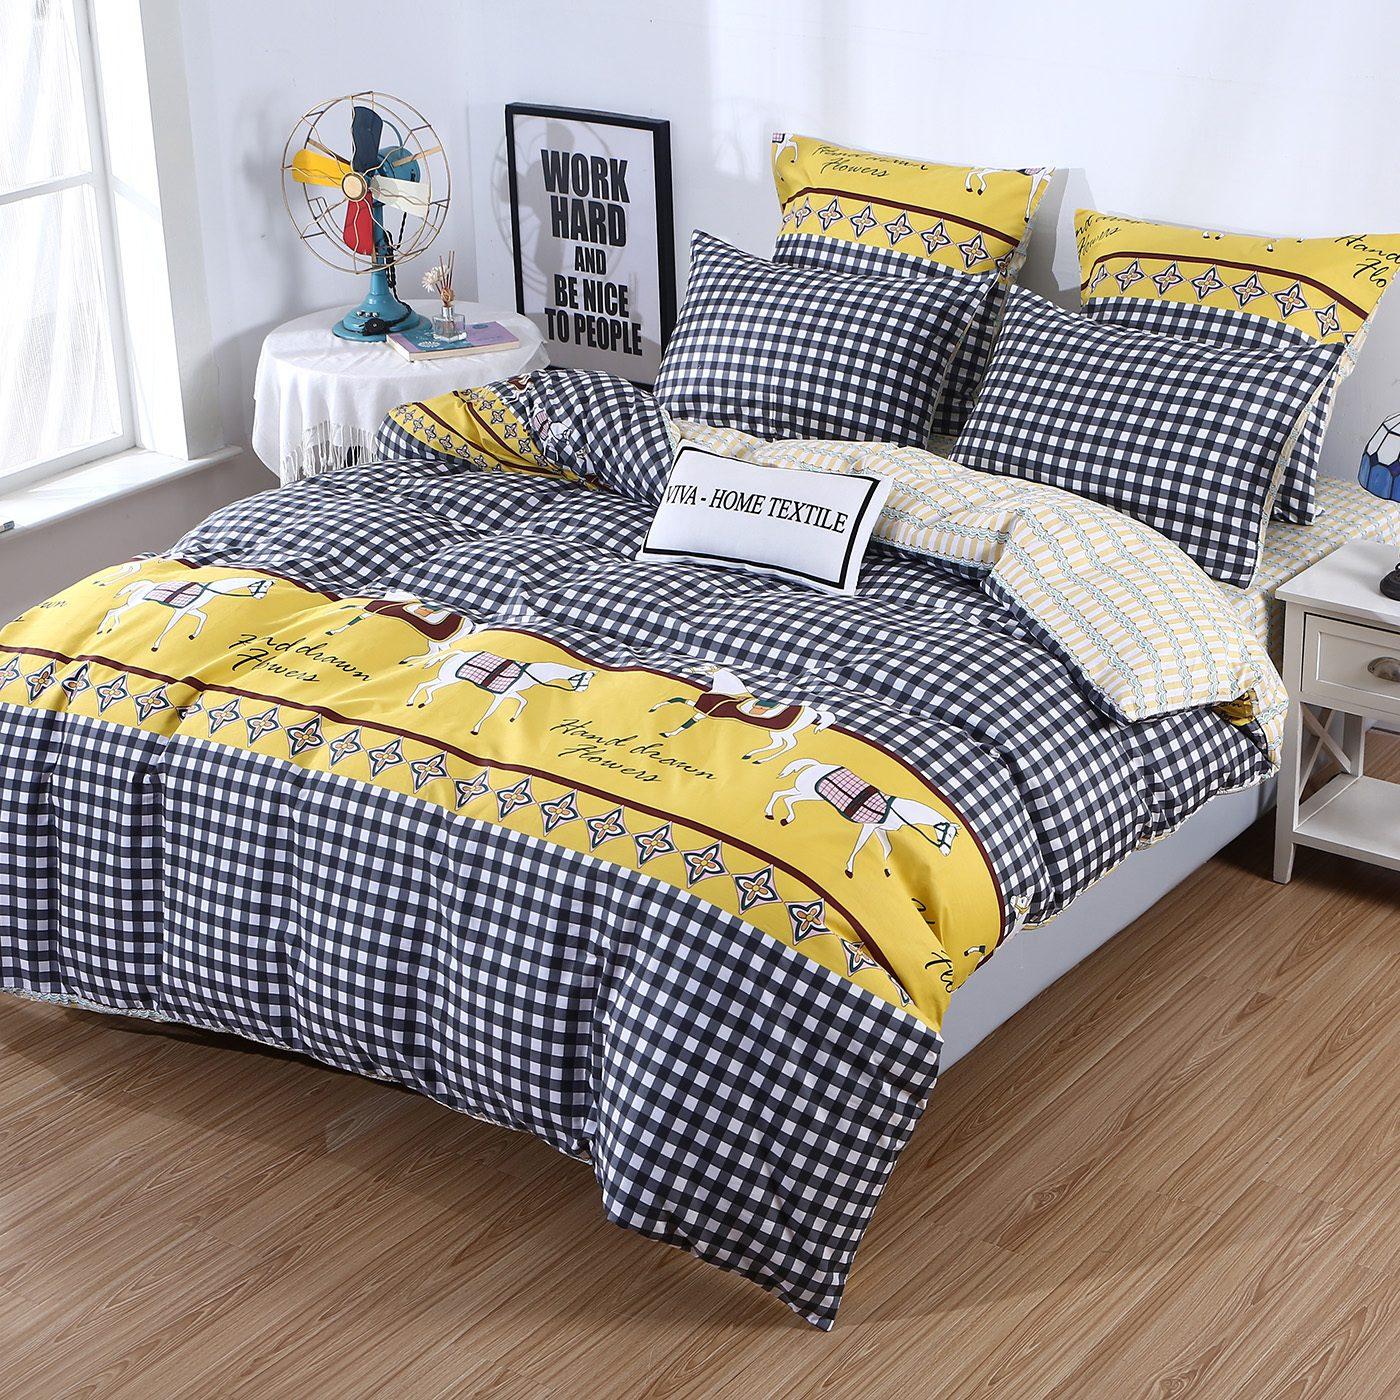 Комплект постельного белья Сатин 100% хлопок C468